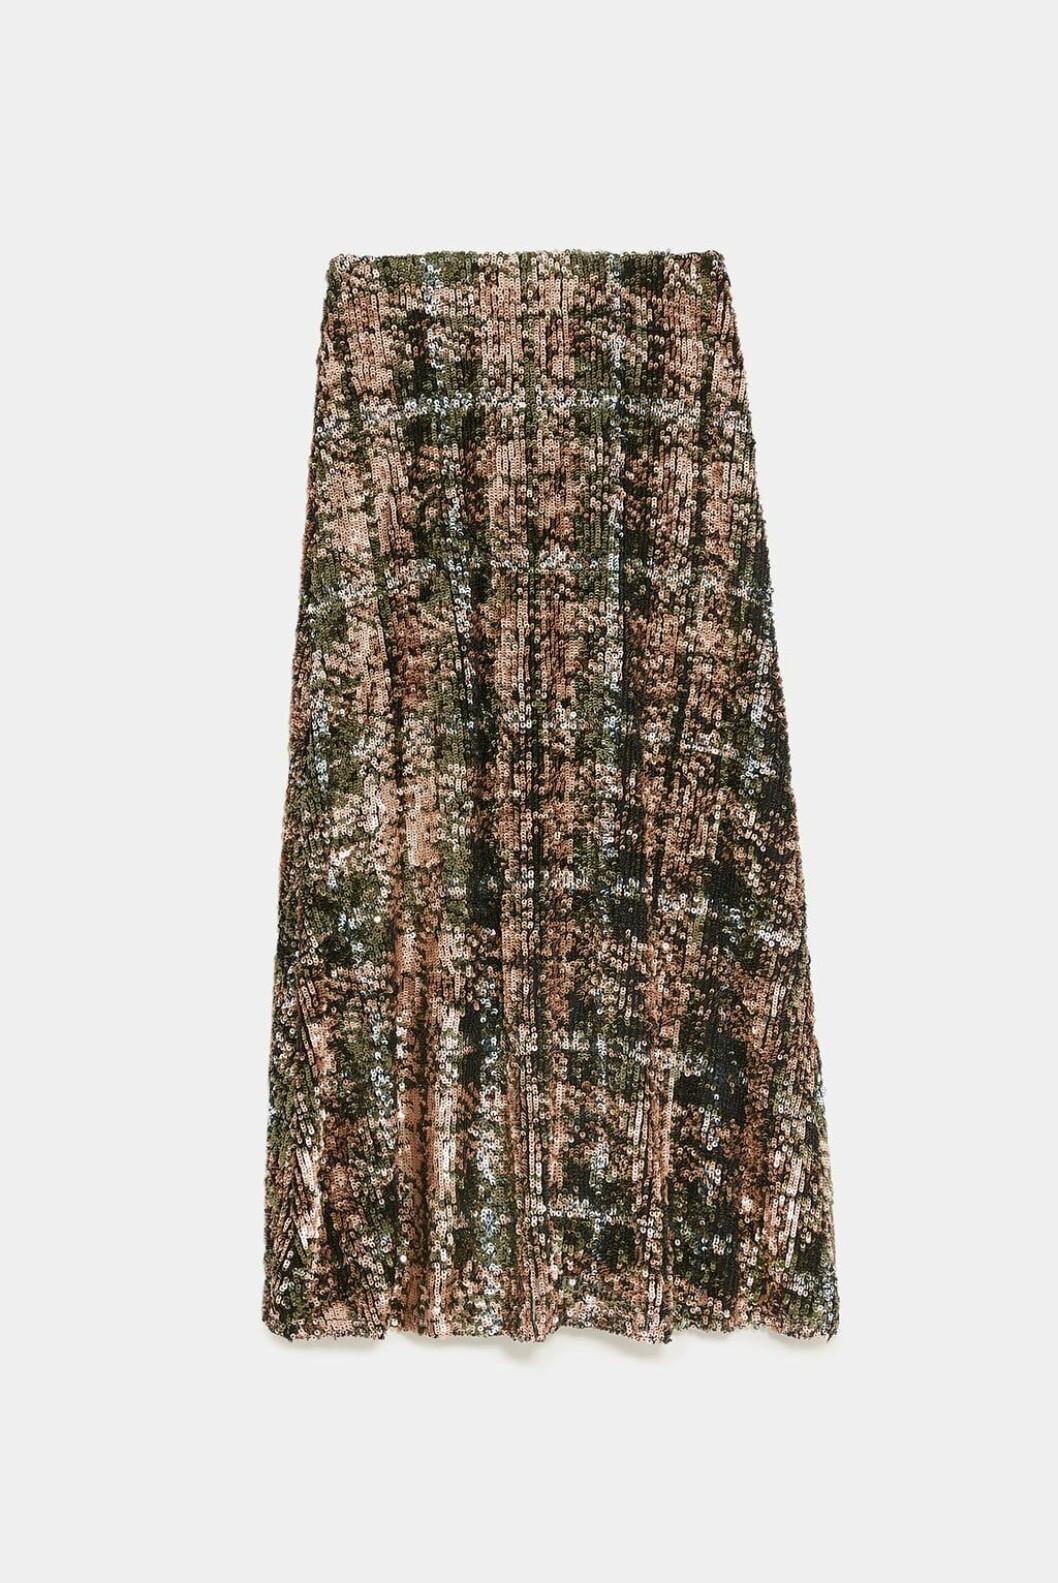 <strong>Skjørt fra Zara |999,-| https:</strong>//www.zara.com/no/no/skj%C3%B8rt-med-paljetter-limited-edition-p02488108.html?v1=7536540&v2=1074660